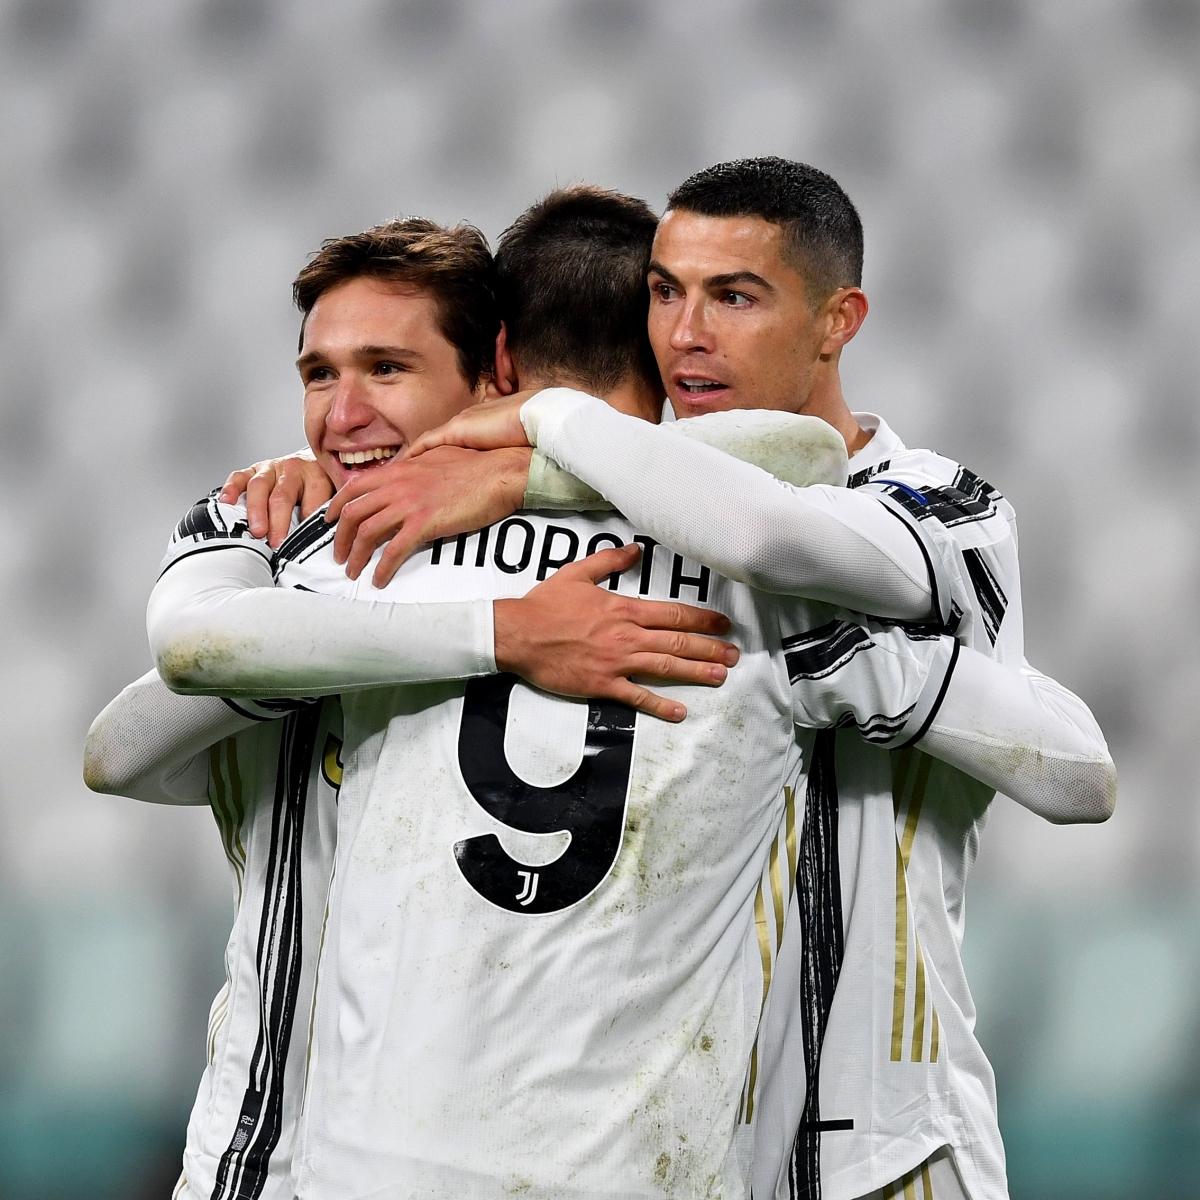 Giành chiến thắng 3-0 trước Dinamo Kyiv, Juventus tiếp tục đứng nhì bảng với 12 điểm sau 5 lượt trận và sẽ quyết đấu với Barca (15 điểm) để tranh ngôi nhất bảng ở lượt trận cuối. (Ảnh: Getty)